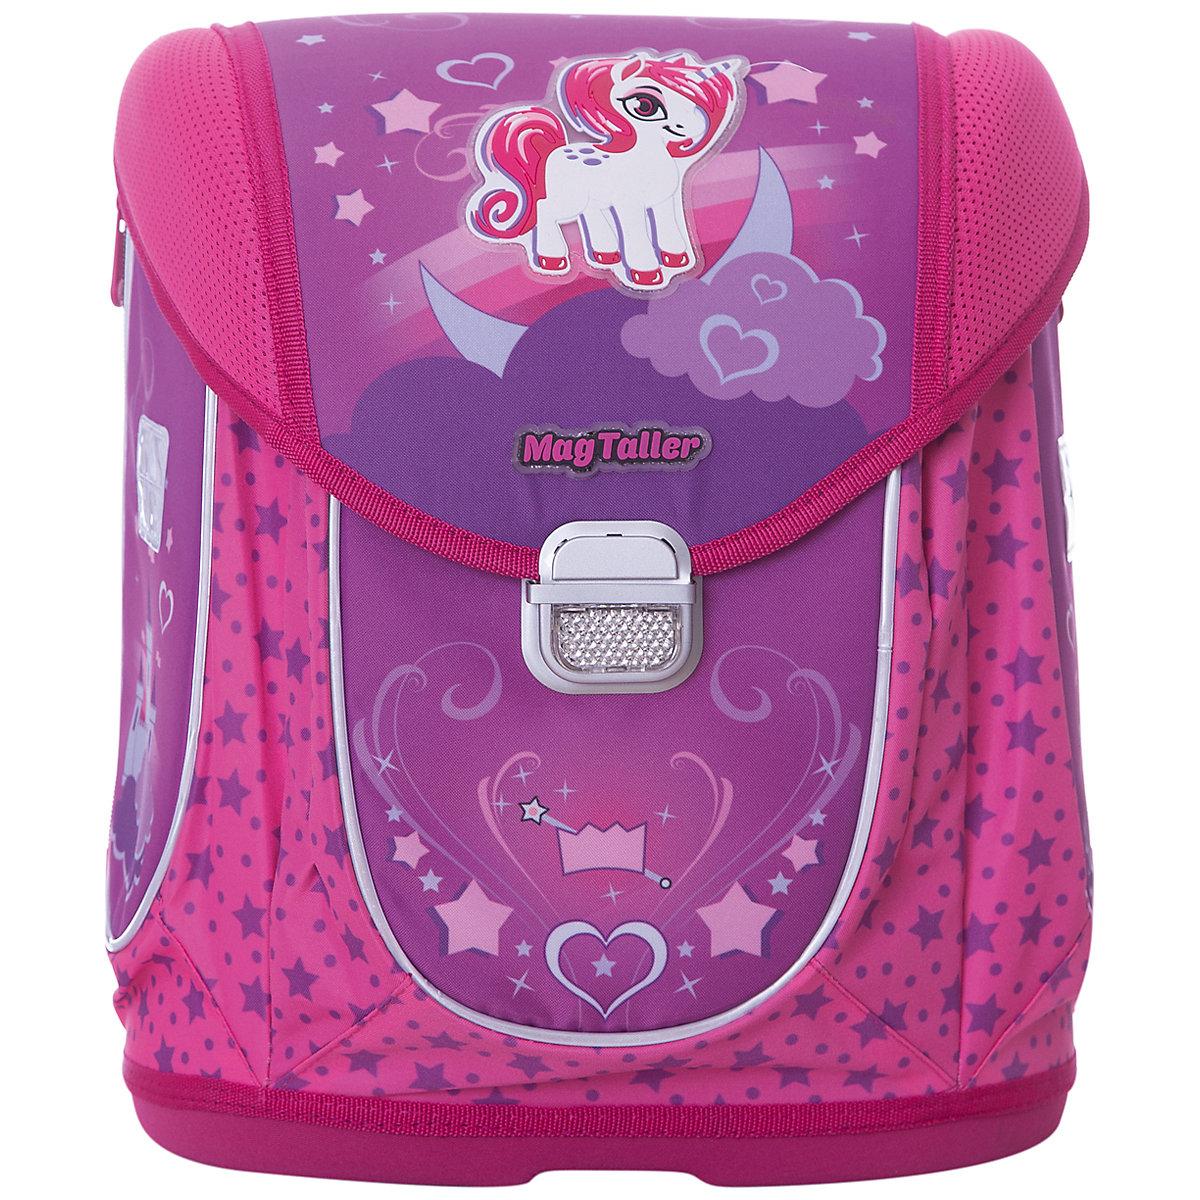 Bolsas escolares MAGTALLER 8316018 mochila ortopédica para niños y niñas animales flores